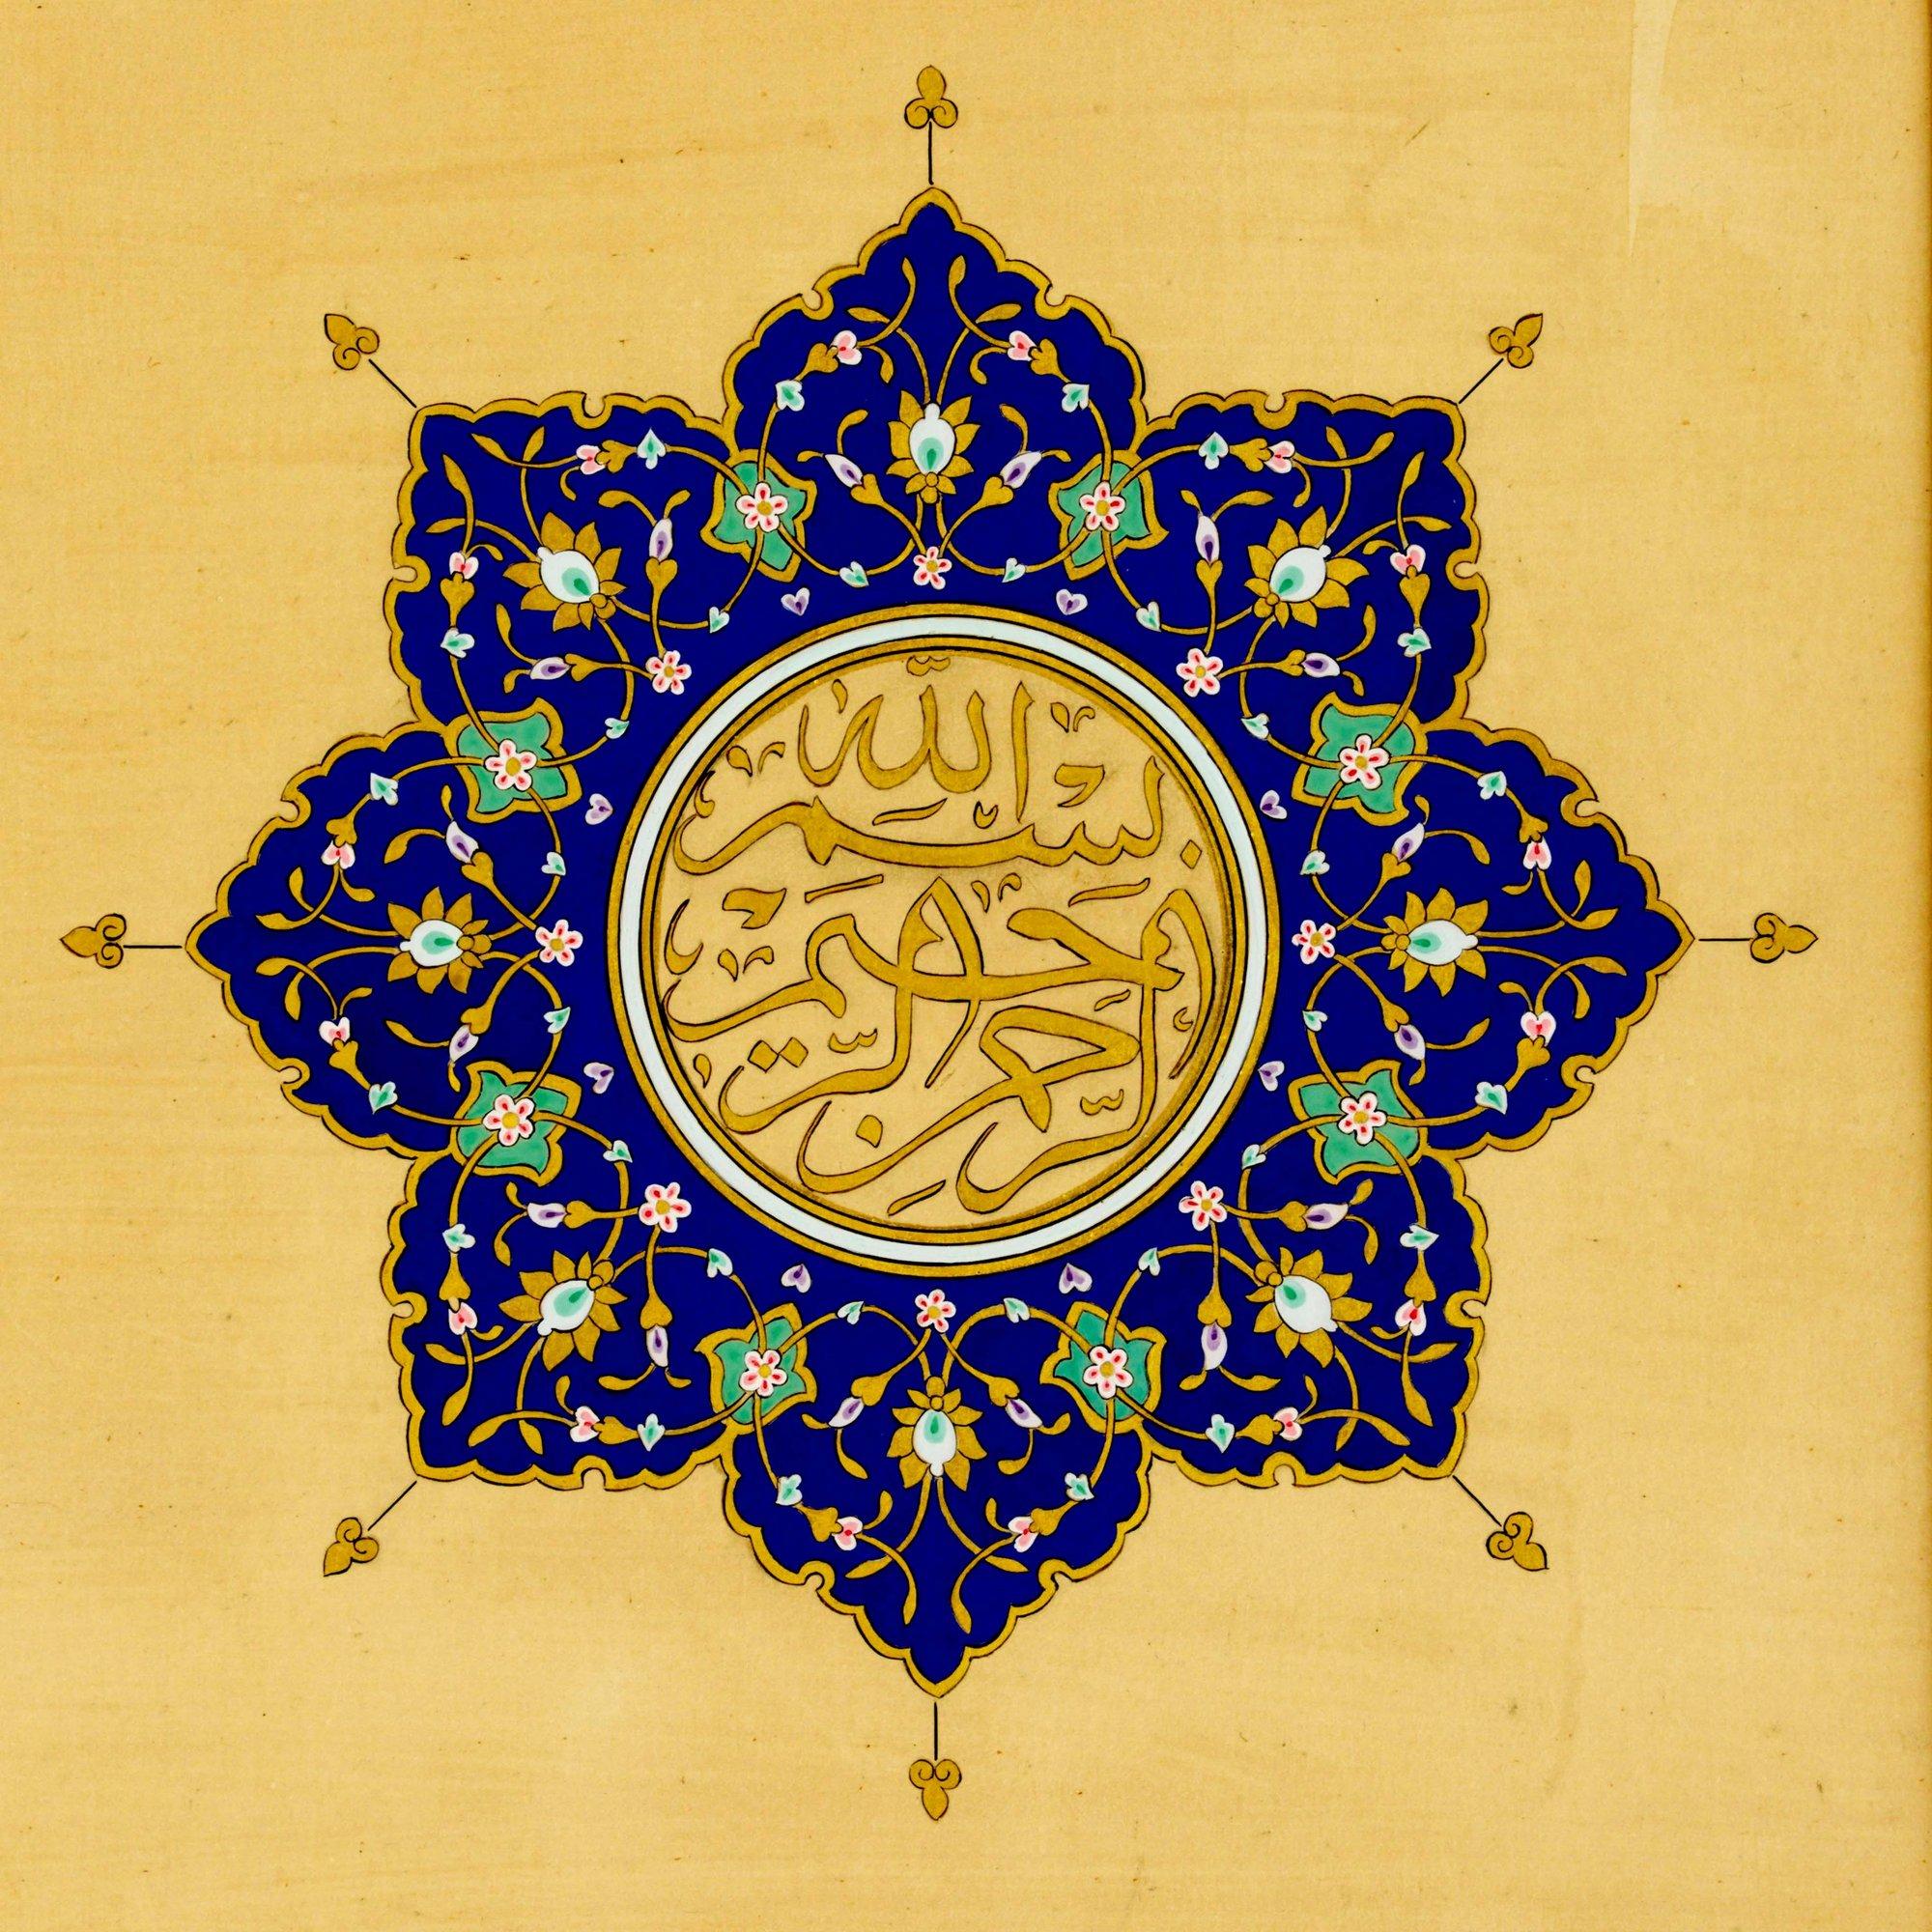 بالصور زخرفة اسلامية , اروع صور لزخارف التراث الاسلامي 3492 2